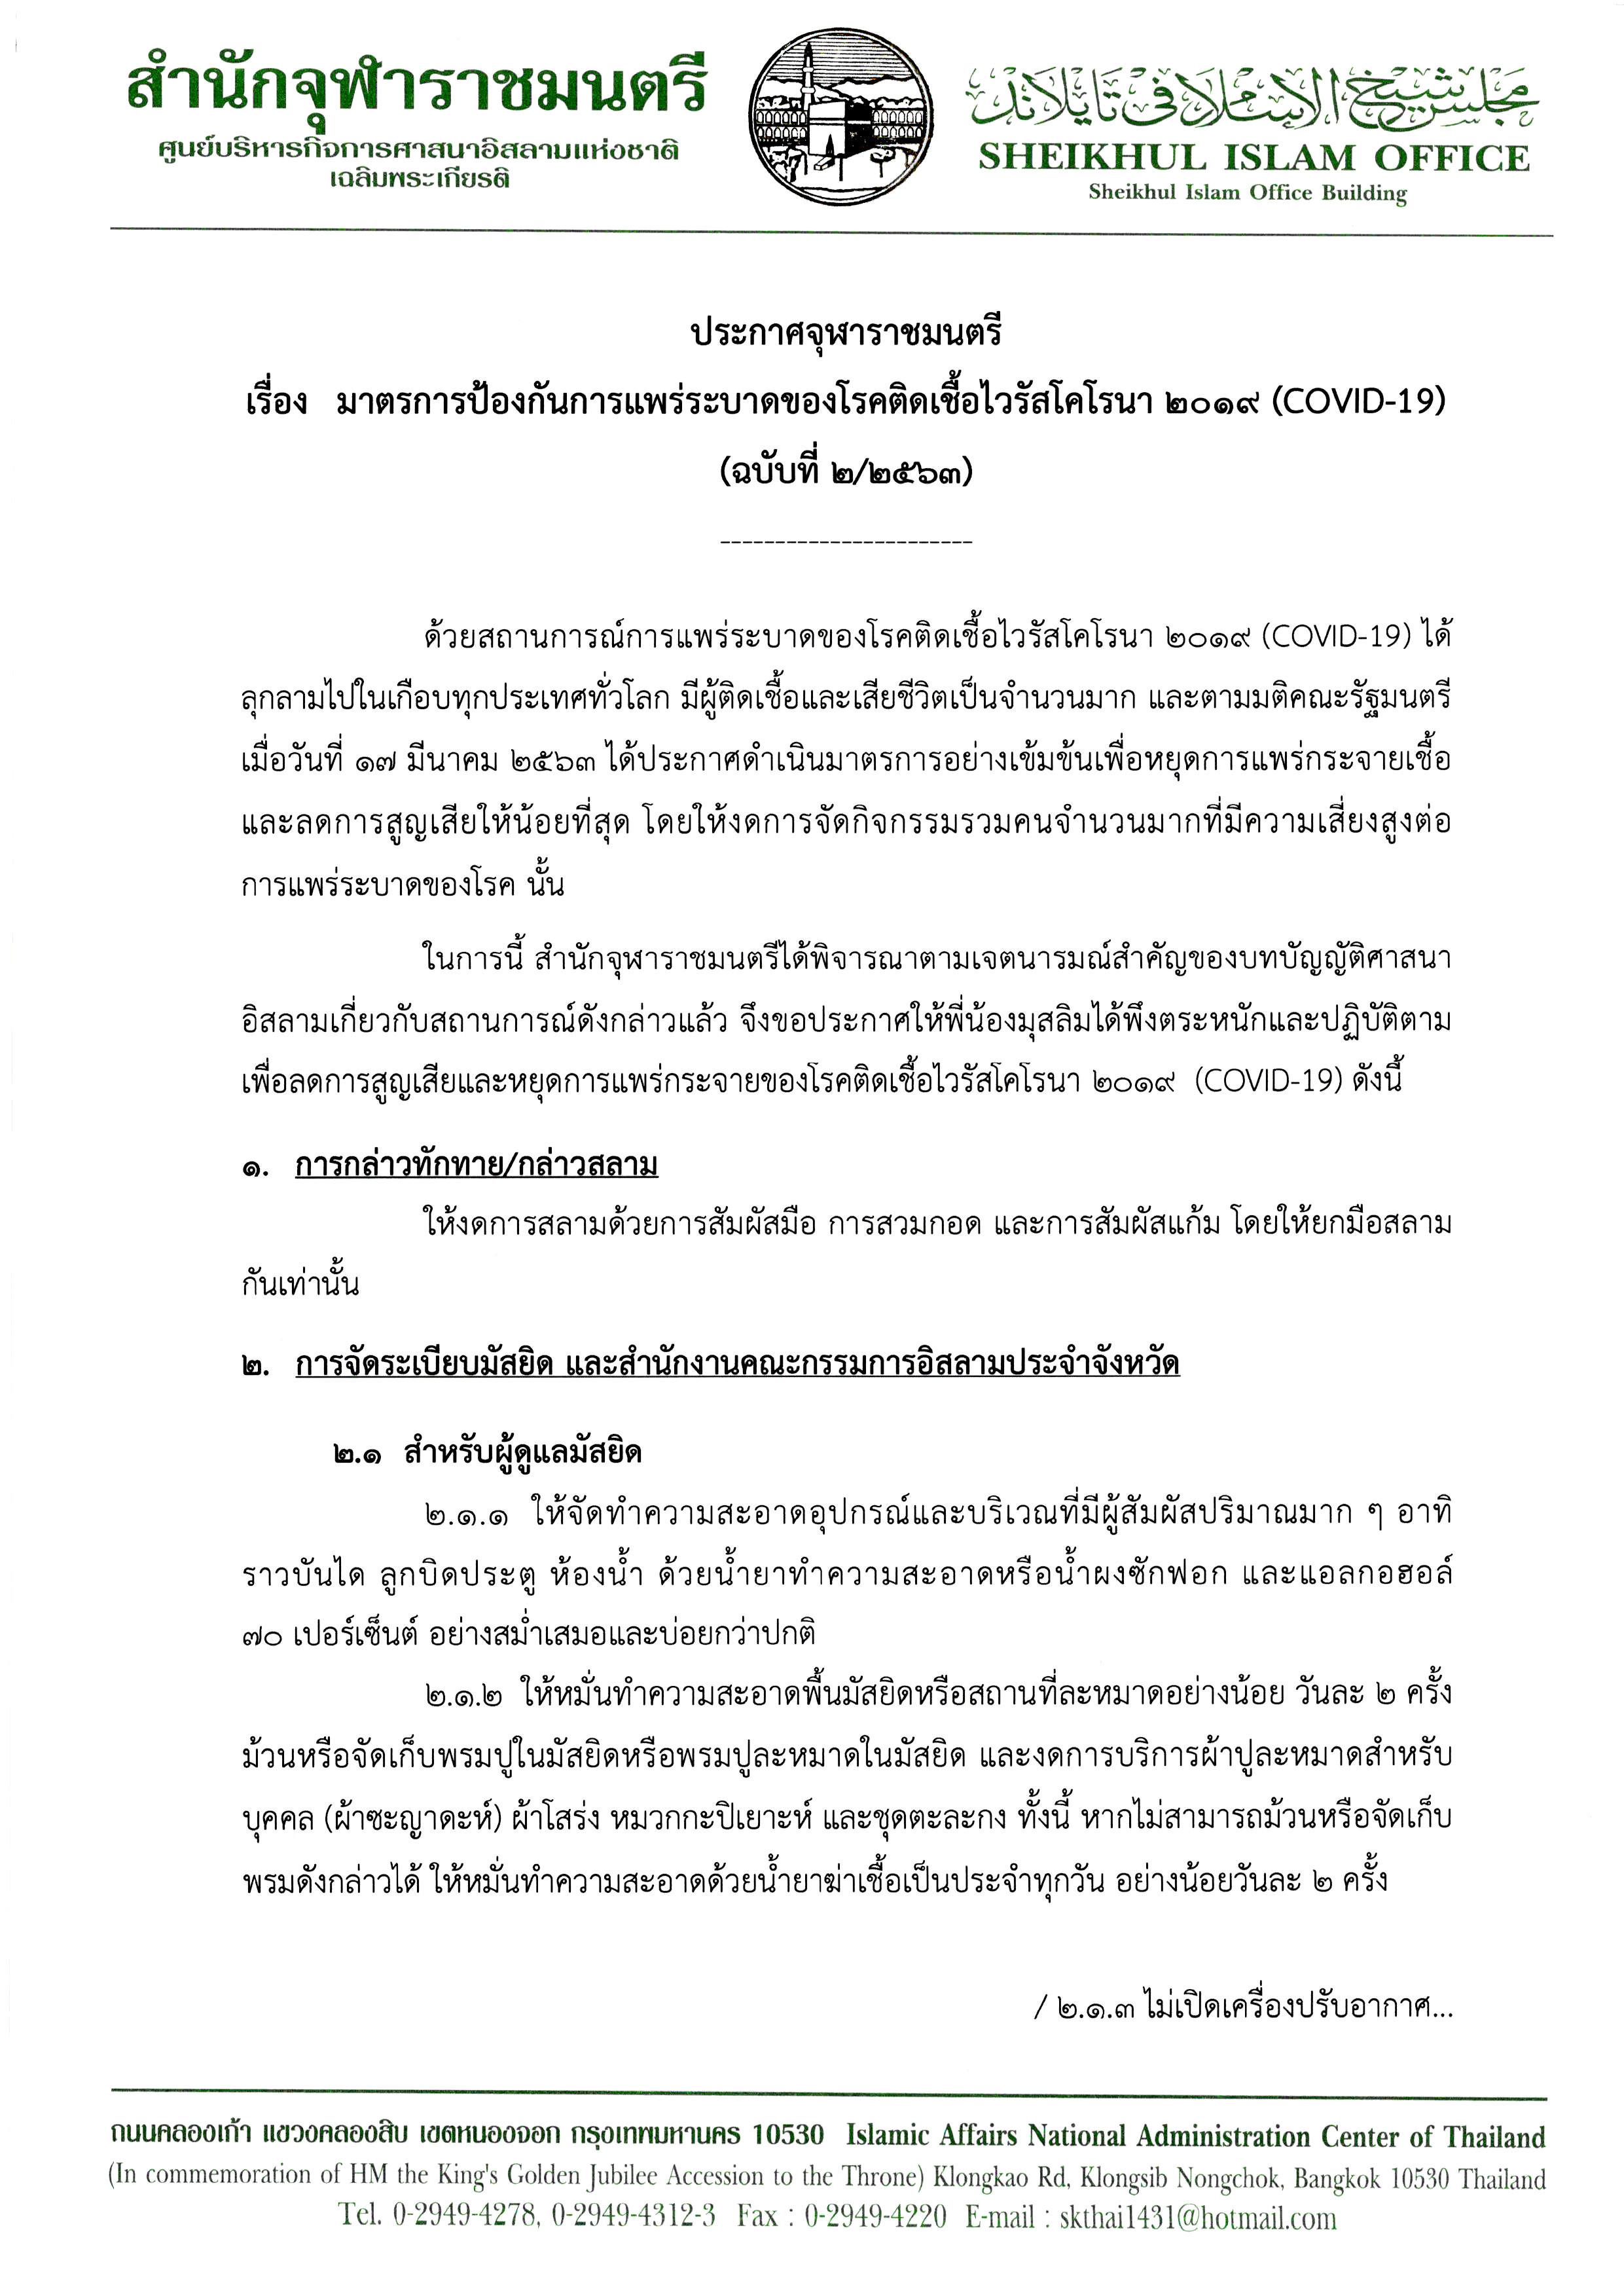 มาตรการป้องกันการแพร่ระบาดของโรคติดเชื้อไวรัสโคโรนา 2019 (COVID-19) ฉบับที่ 2/2563